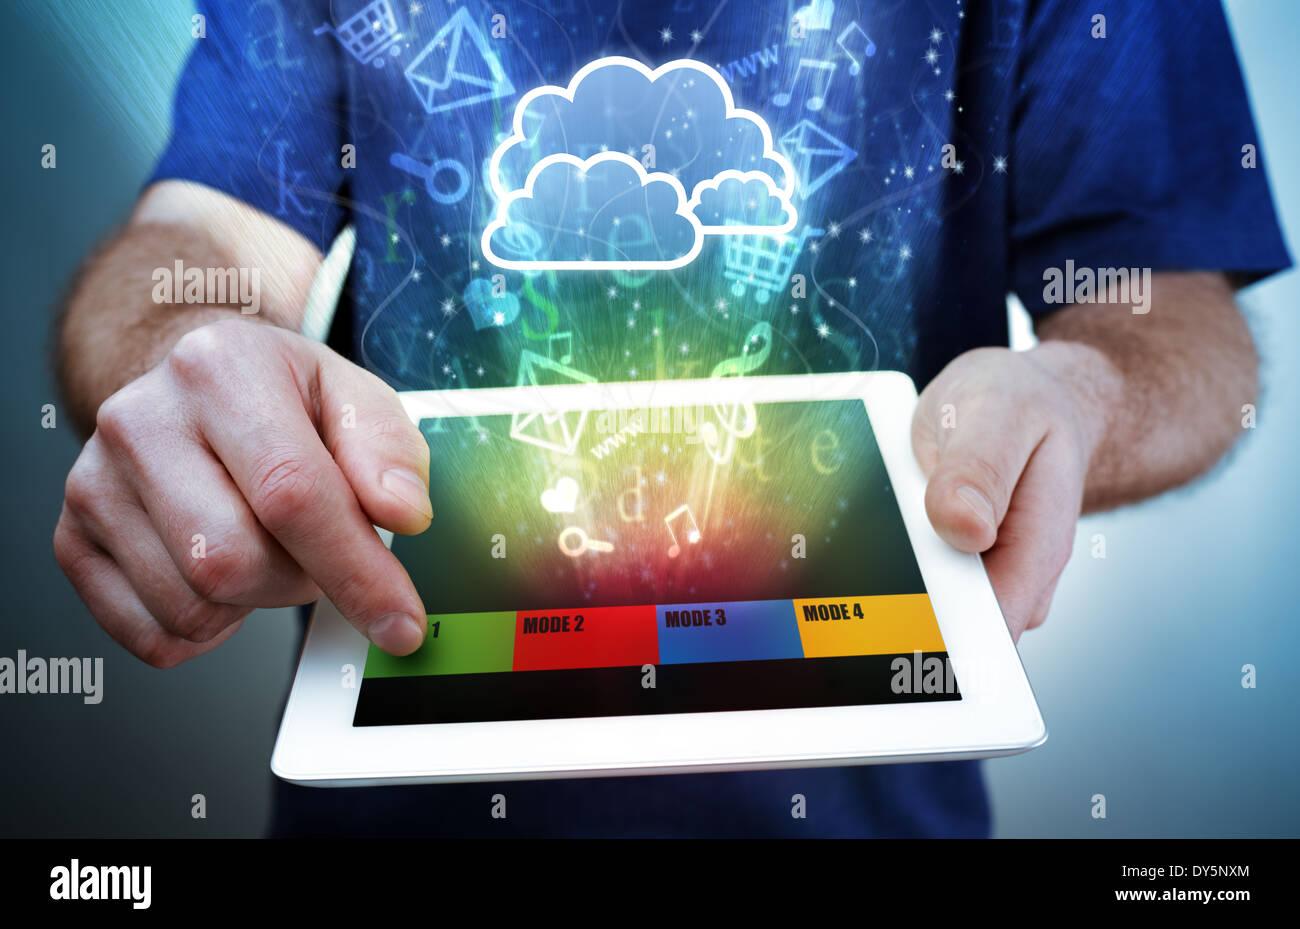 Tablette numérique, le multimédia et l'informatique en nuage Photo Stock